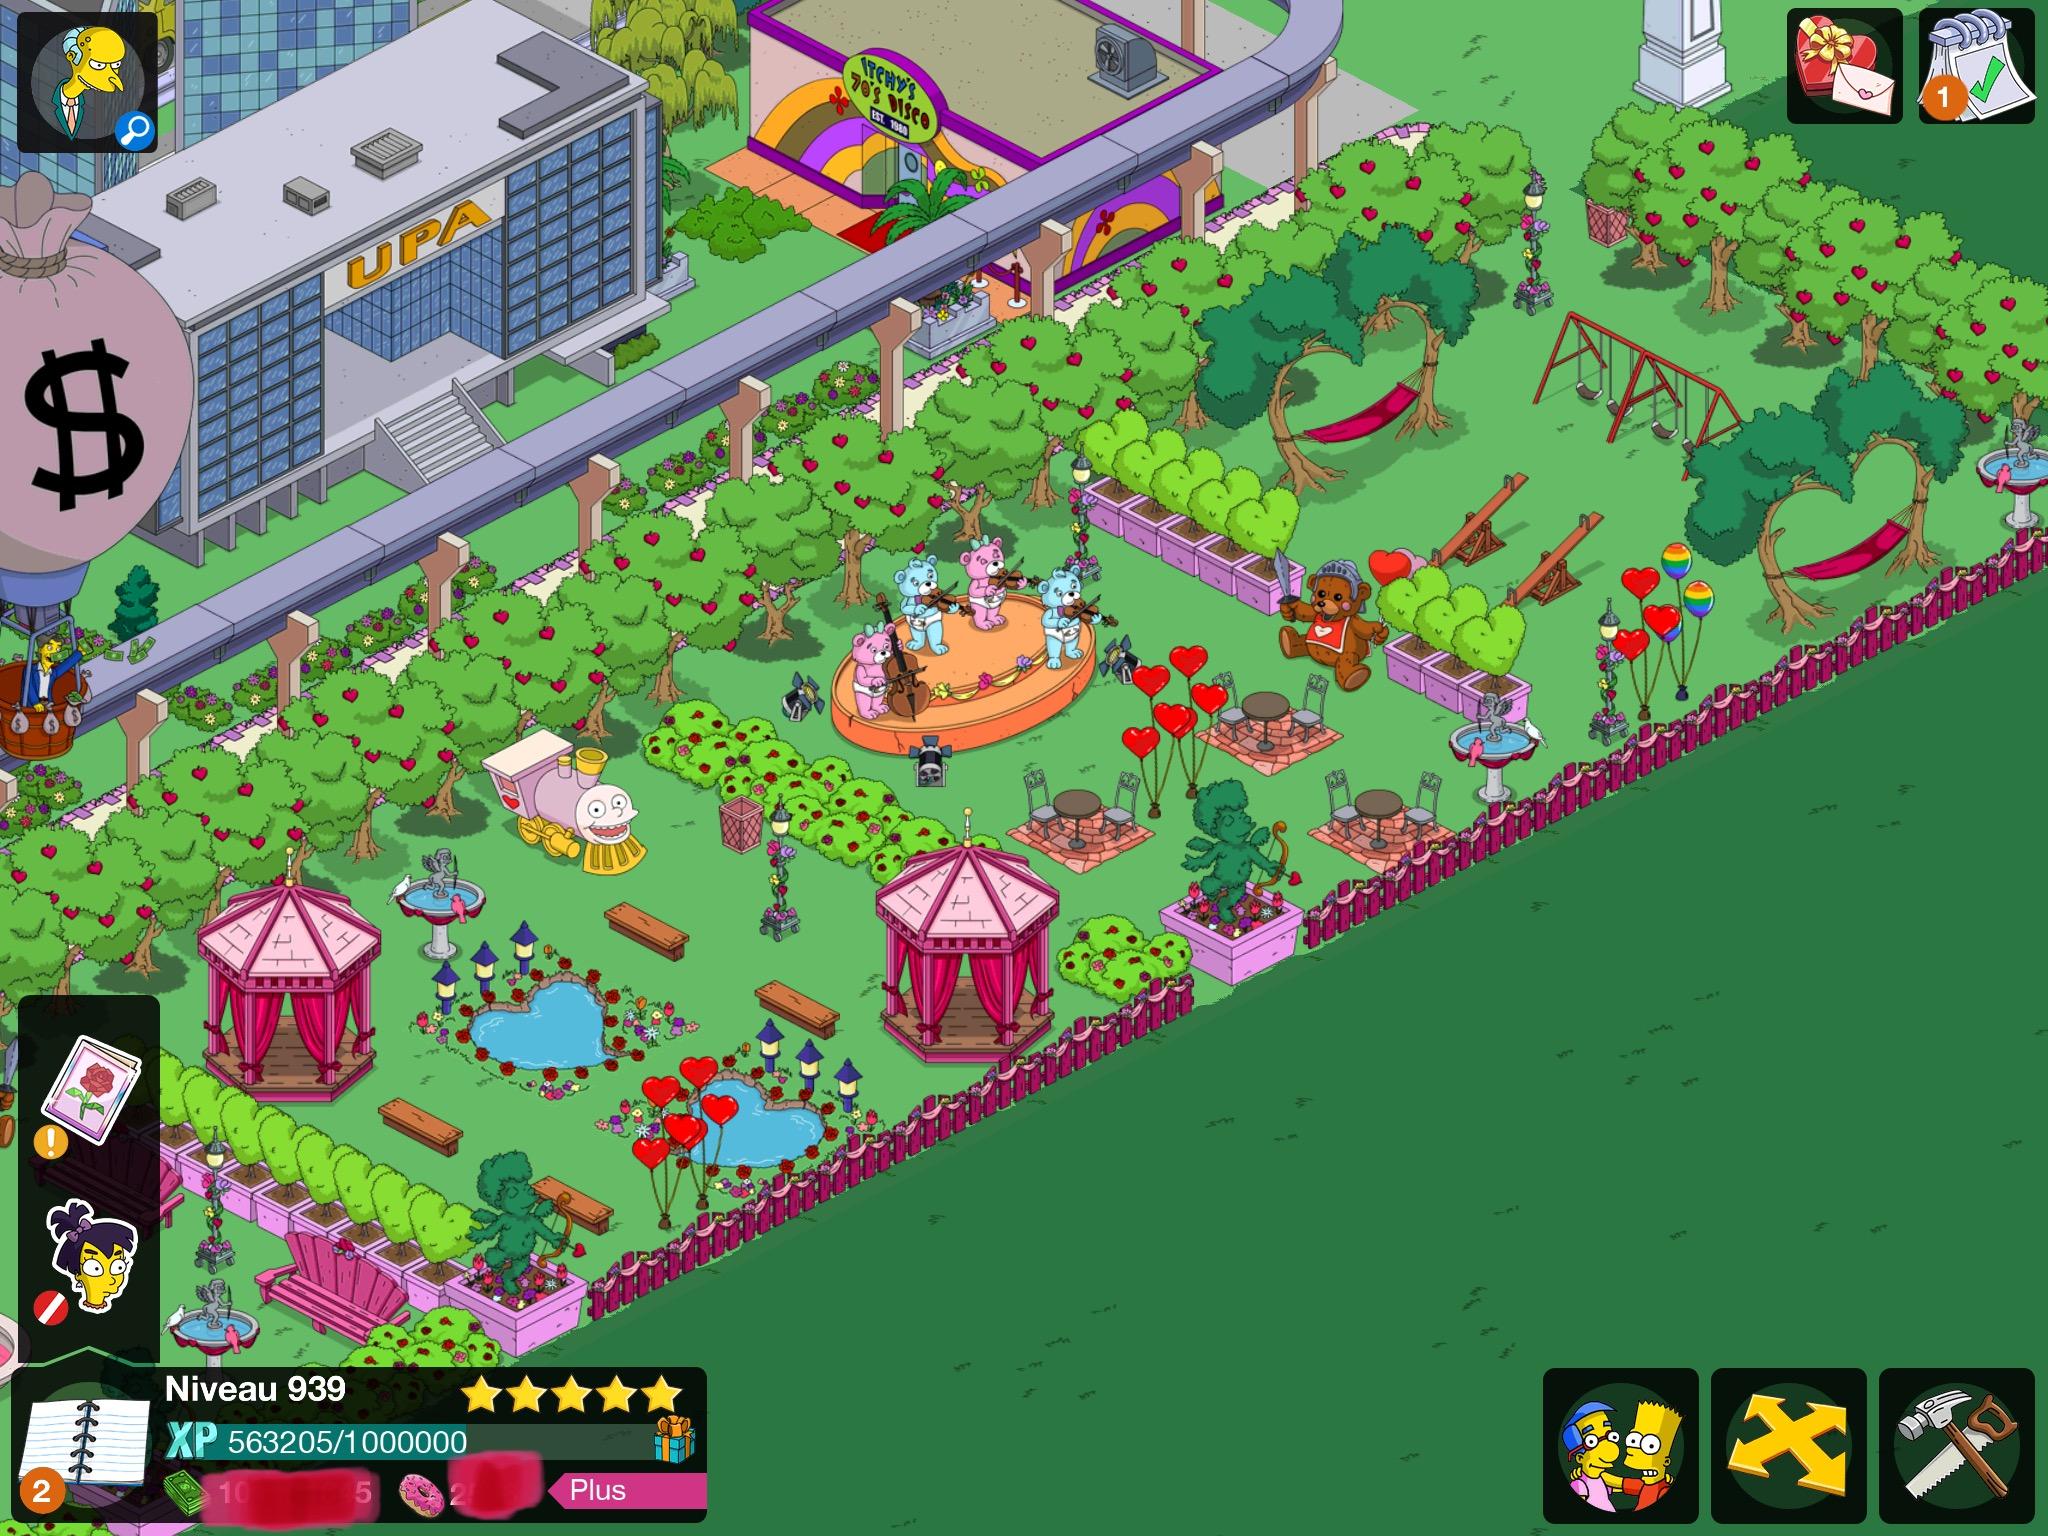 Speed rencontres événements Springfield Mo Nous célèbres sites de rencontre